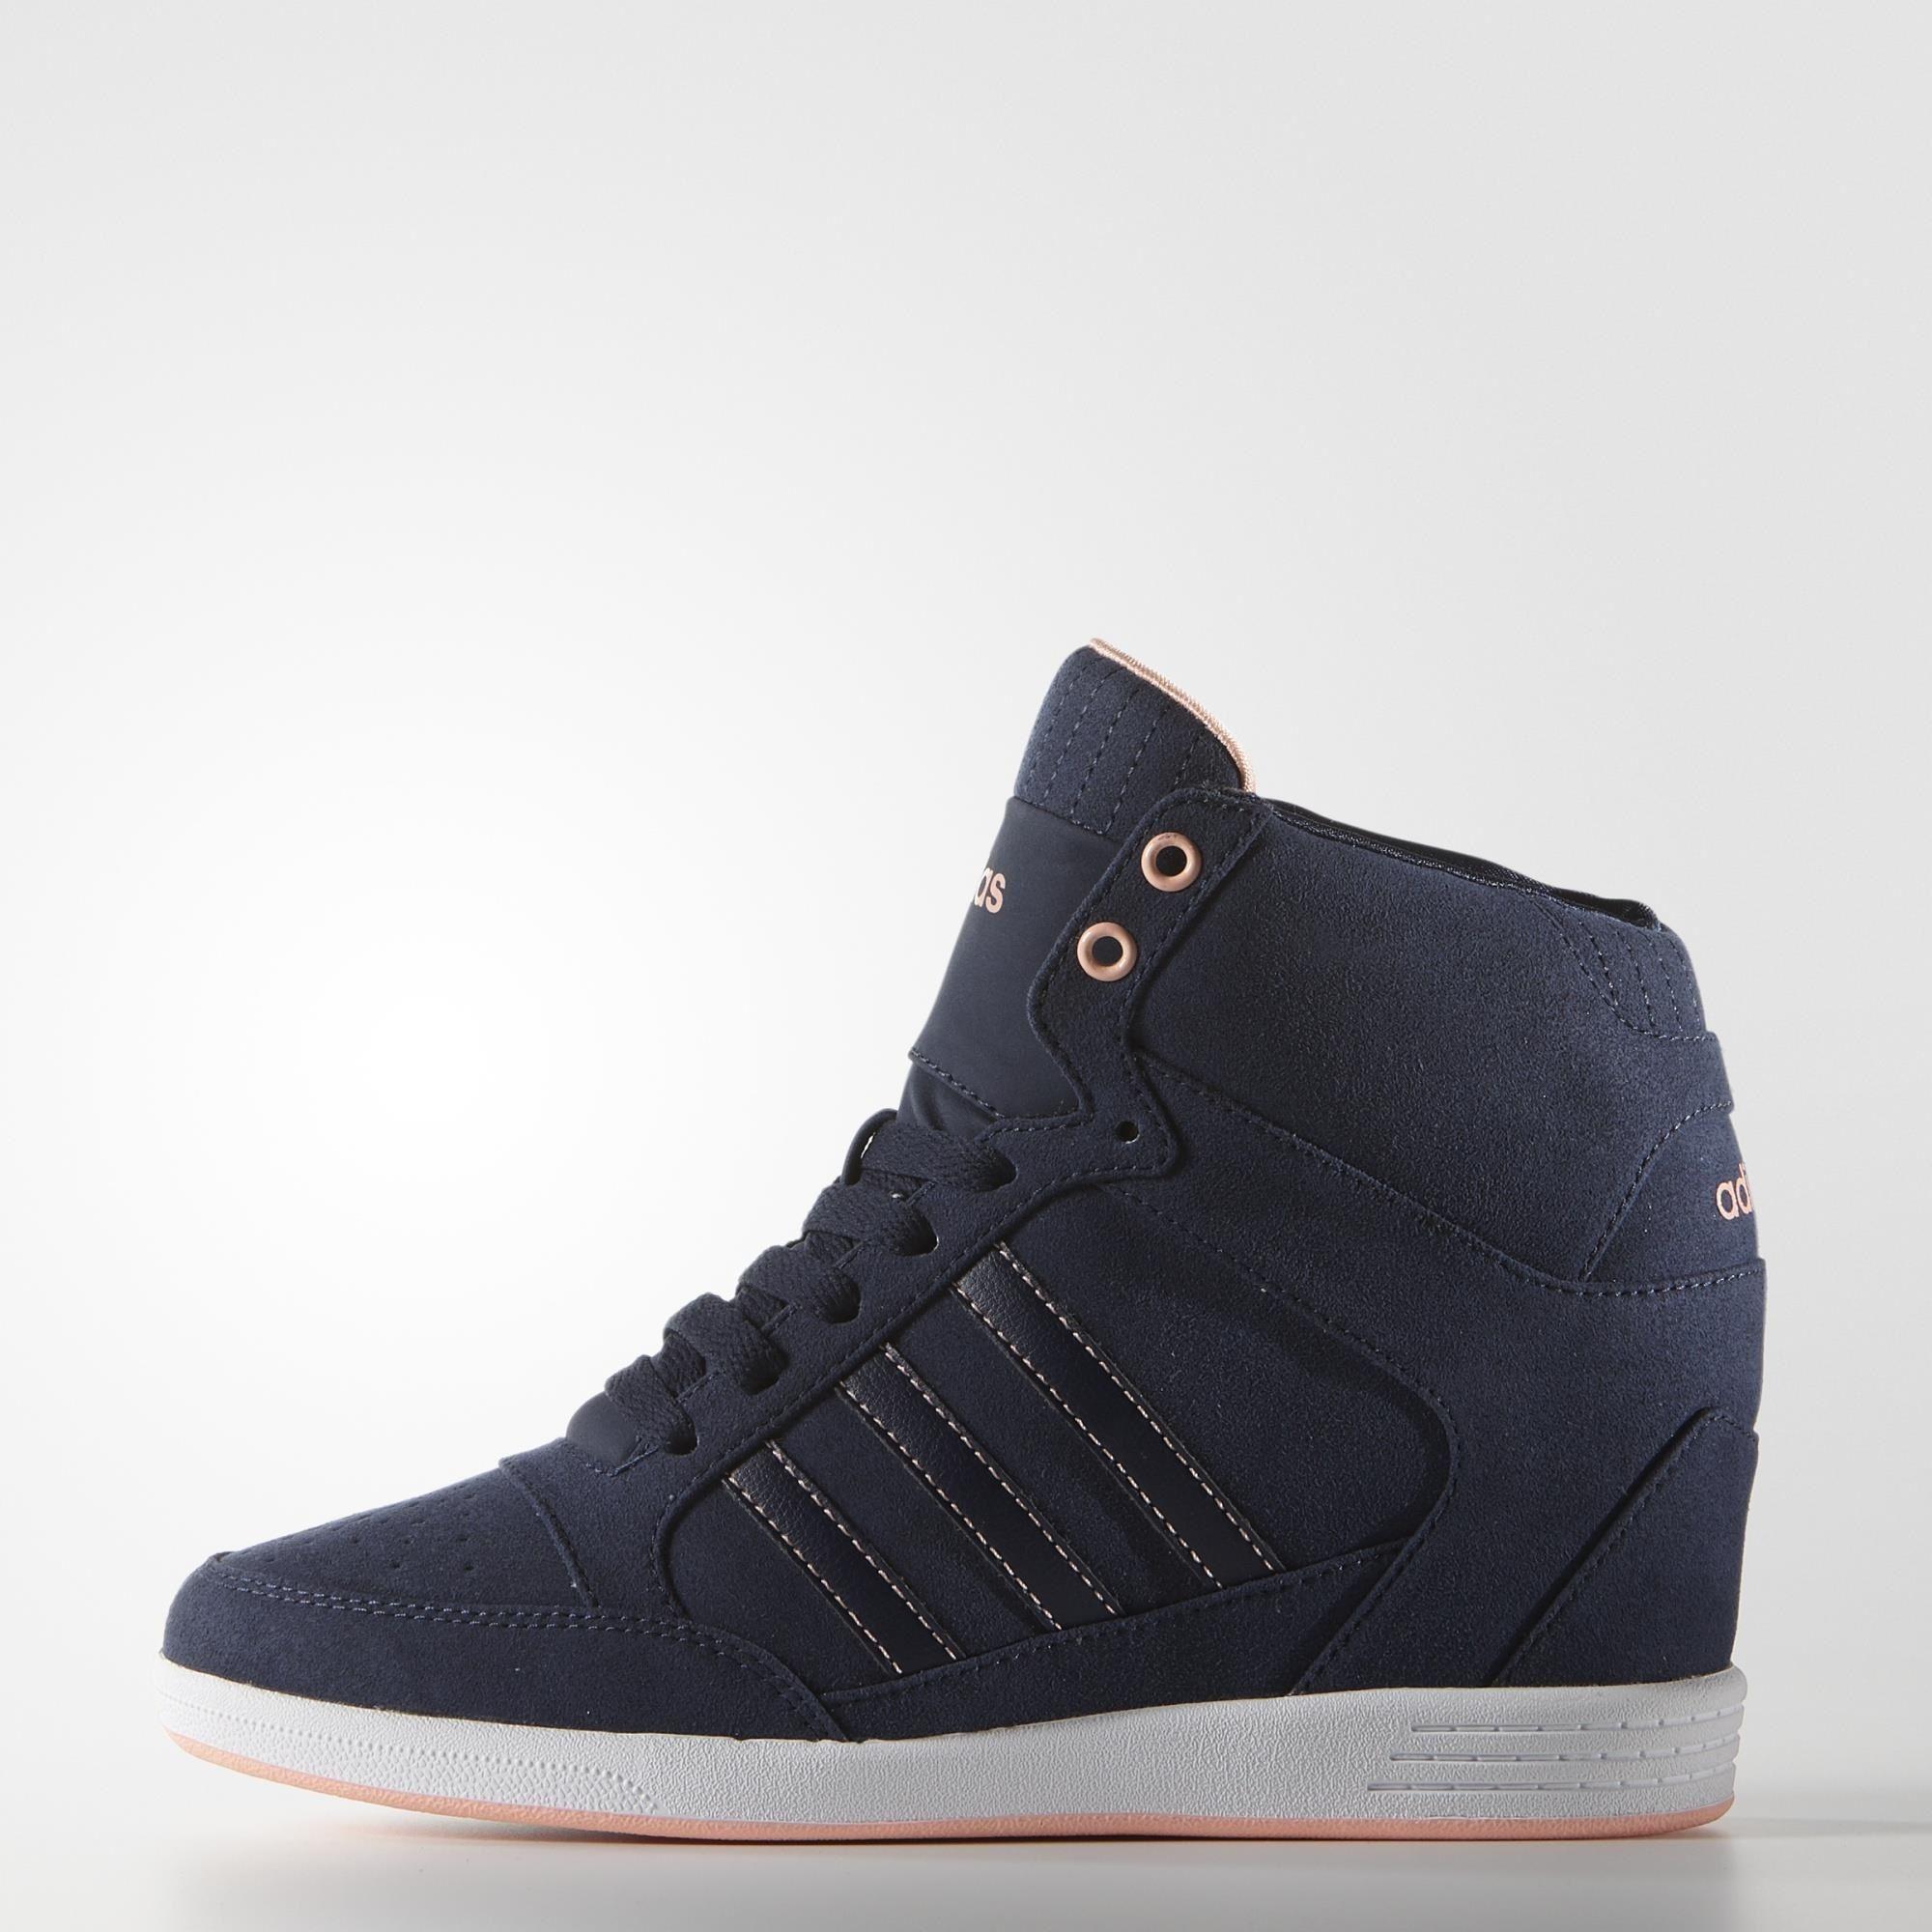 huge discount b3db1 b6792 adidas NEO Super High-Top Wedge Sneaker - Womens   Kicks   Shoes, Sneakers,  High top wedge sneakers